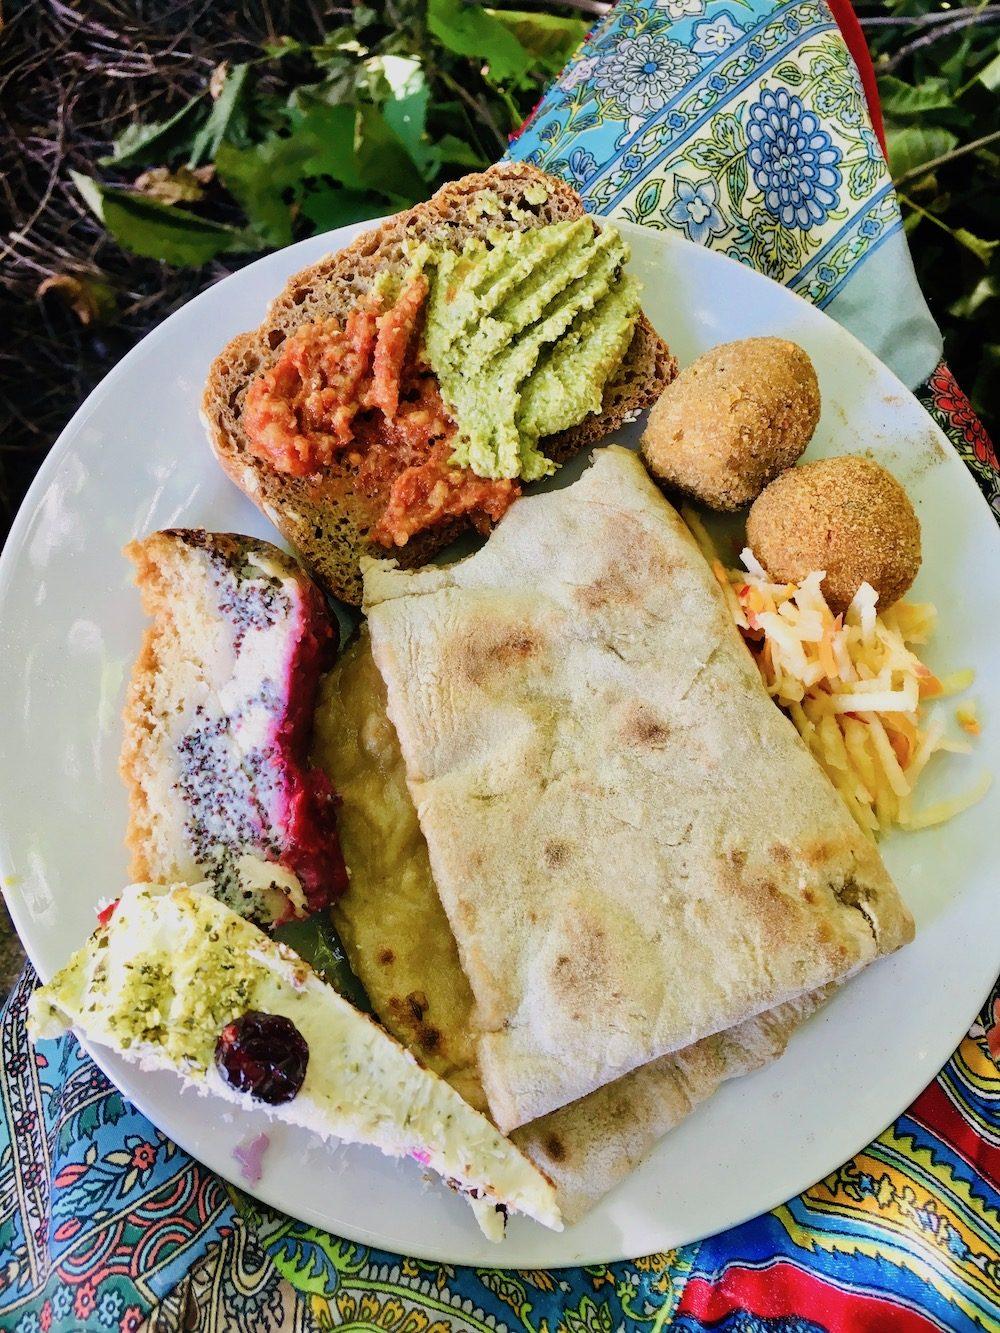 A plate of vegan buffet food